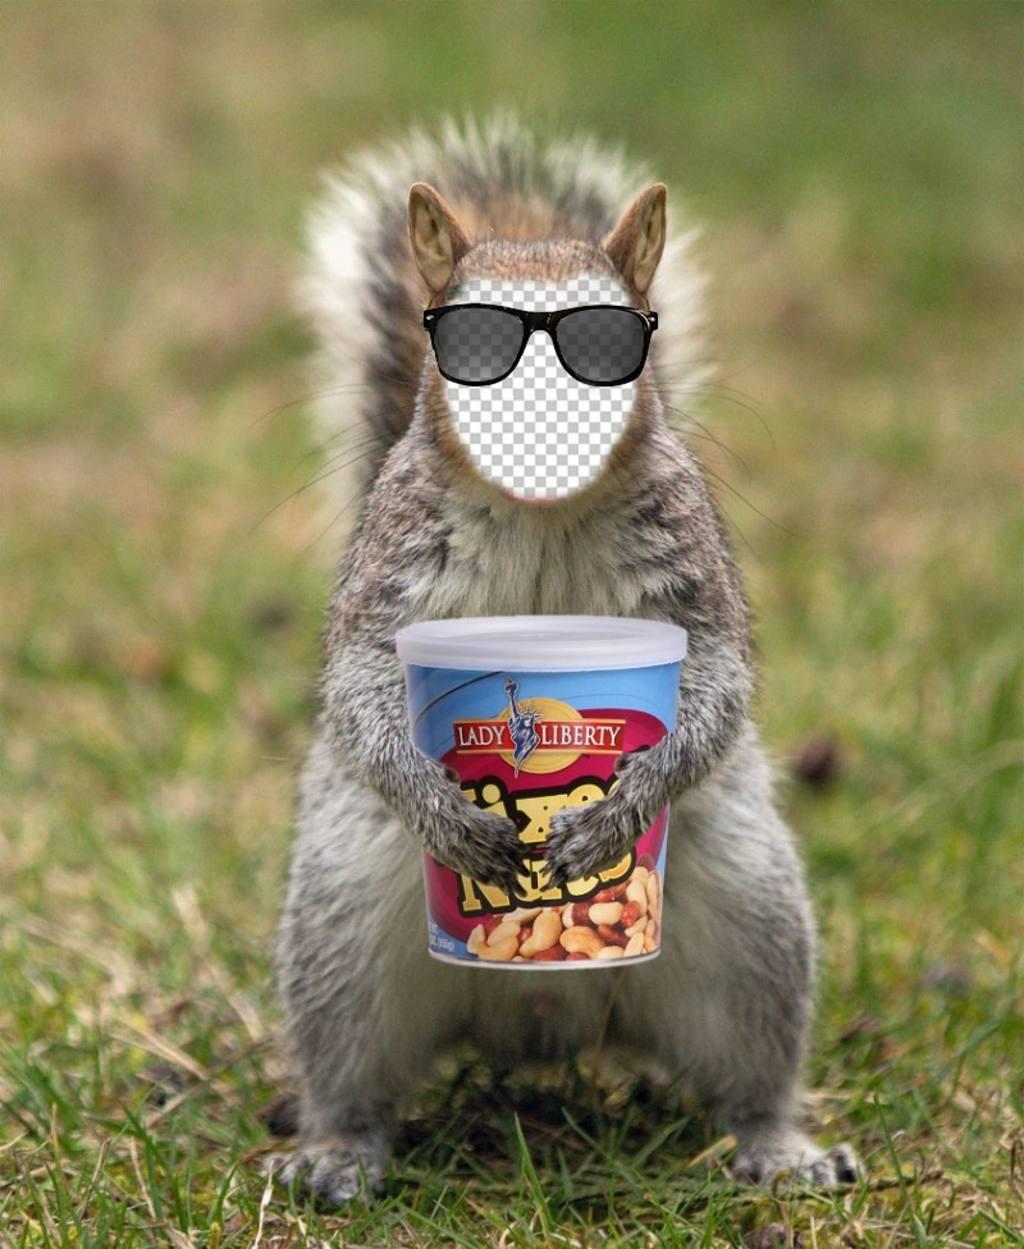 Setzen Sie Ihr Gesicht in ein Eichhörnchen mit einer Hipster Sonnenbrillen und eine Dose Erdnüsse